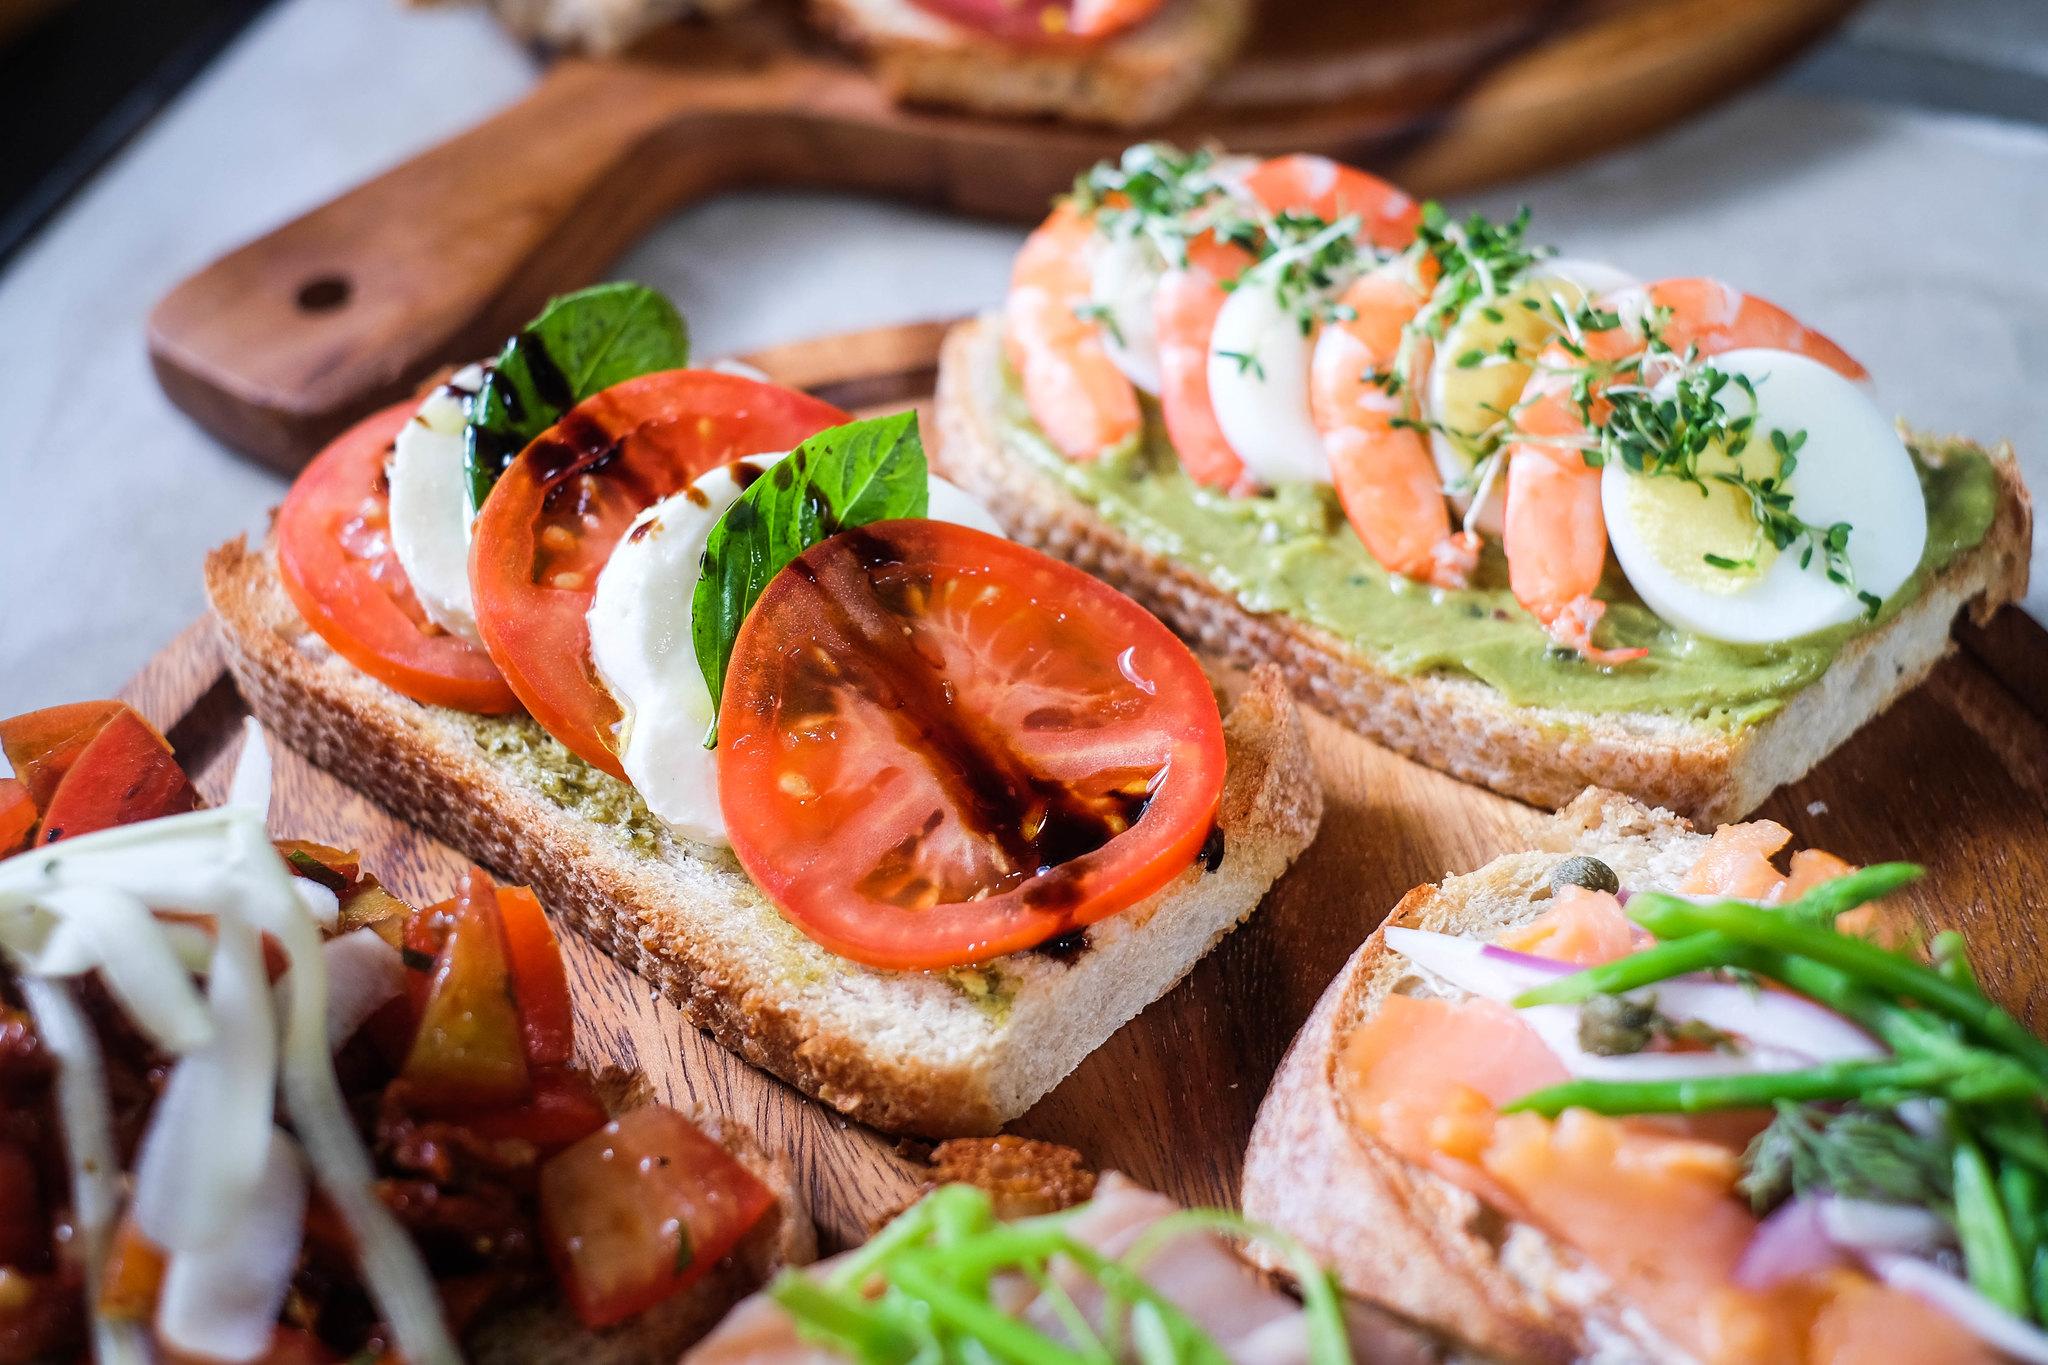 三明治-番茄布鲁切塔和鳄梨